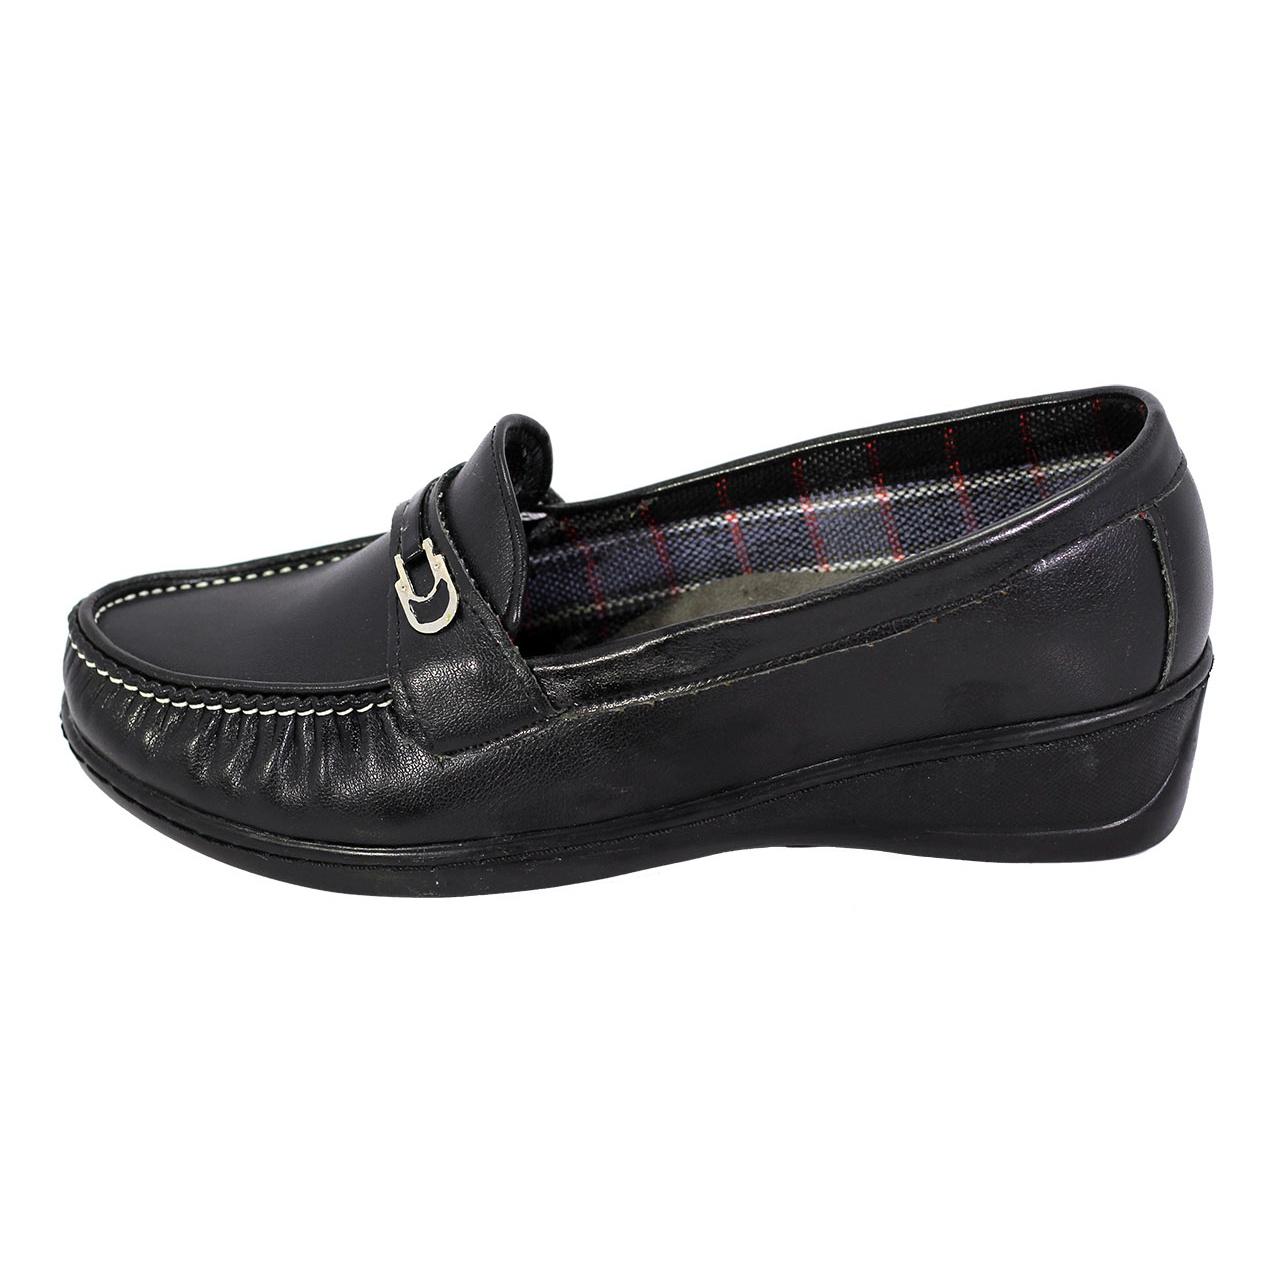 کفش زنانه شهرام طب مدل 2063 کد 9